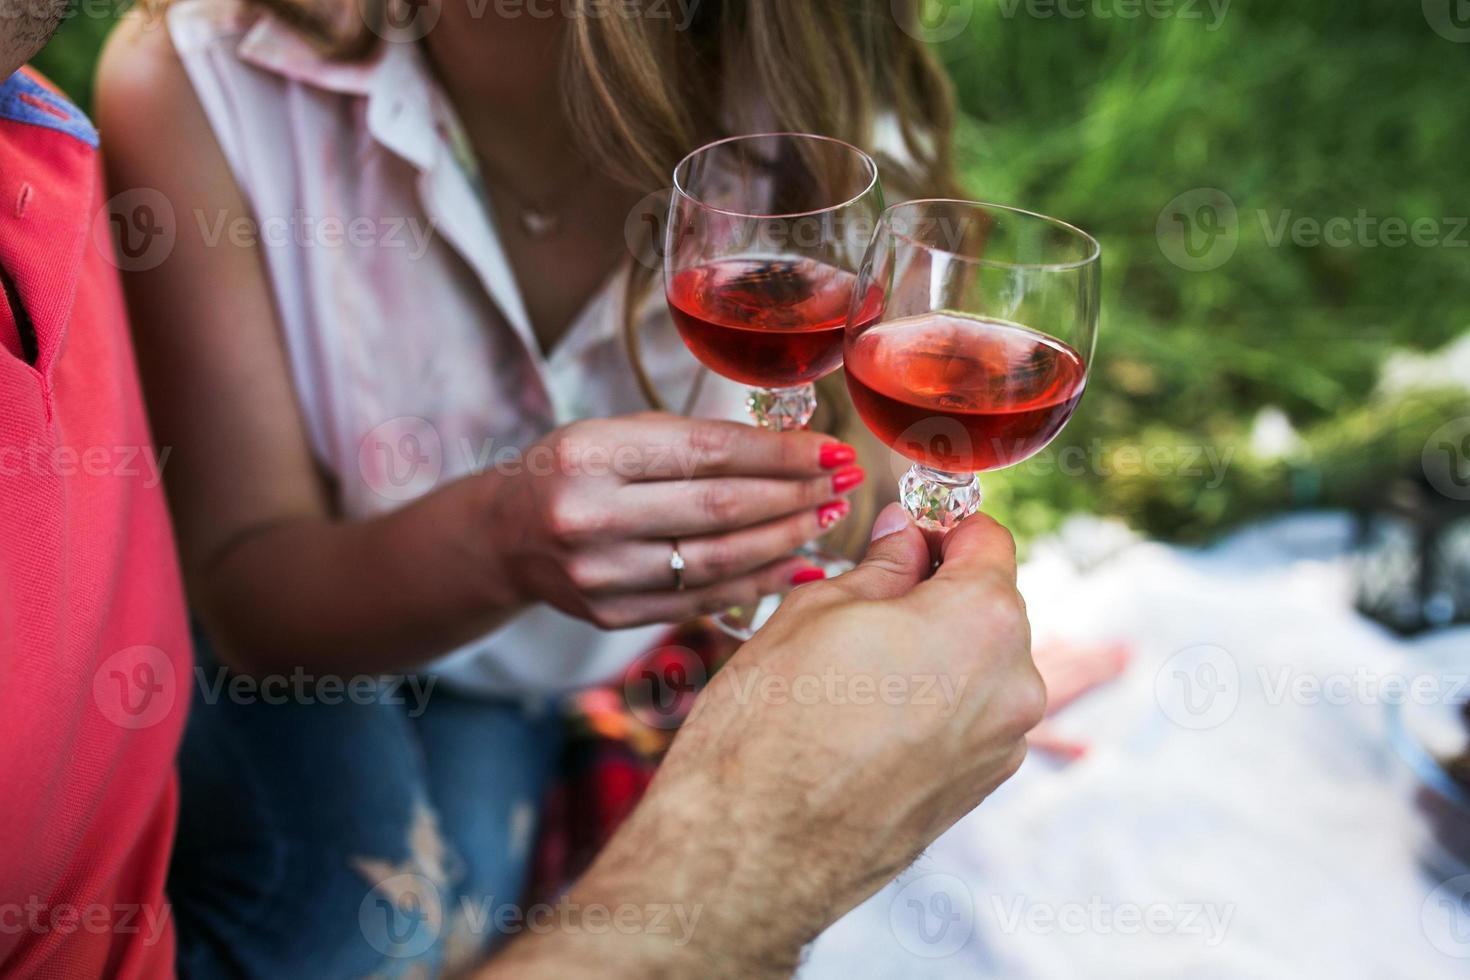 casal em um piquenique bebendo vinho e copos tilintando foto